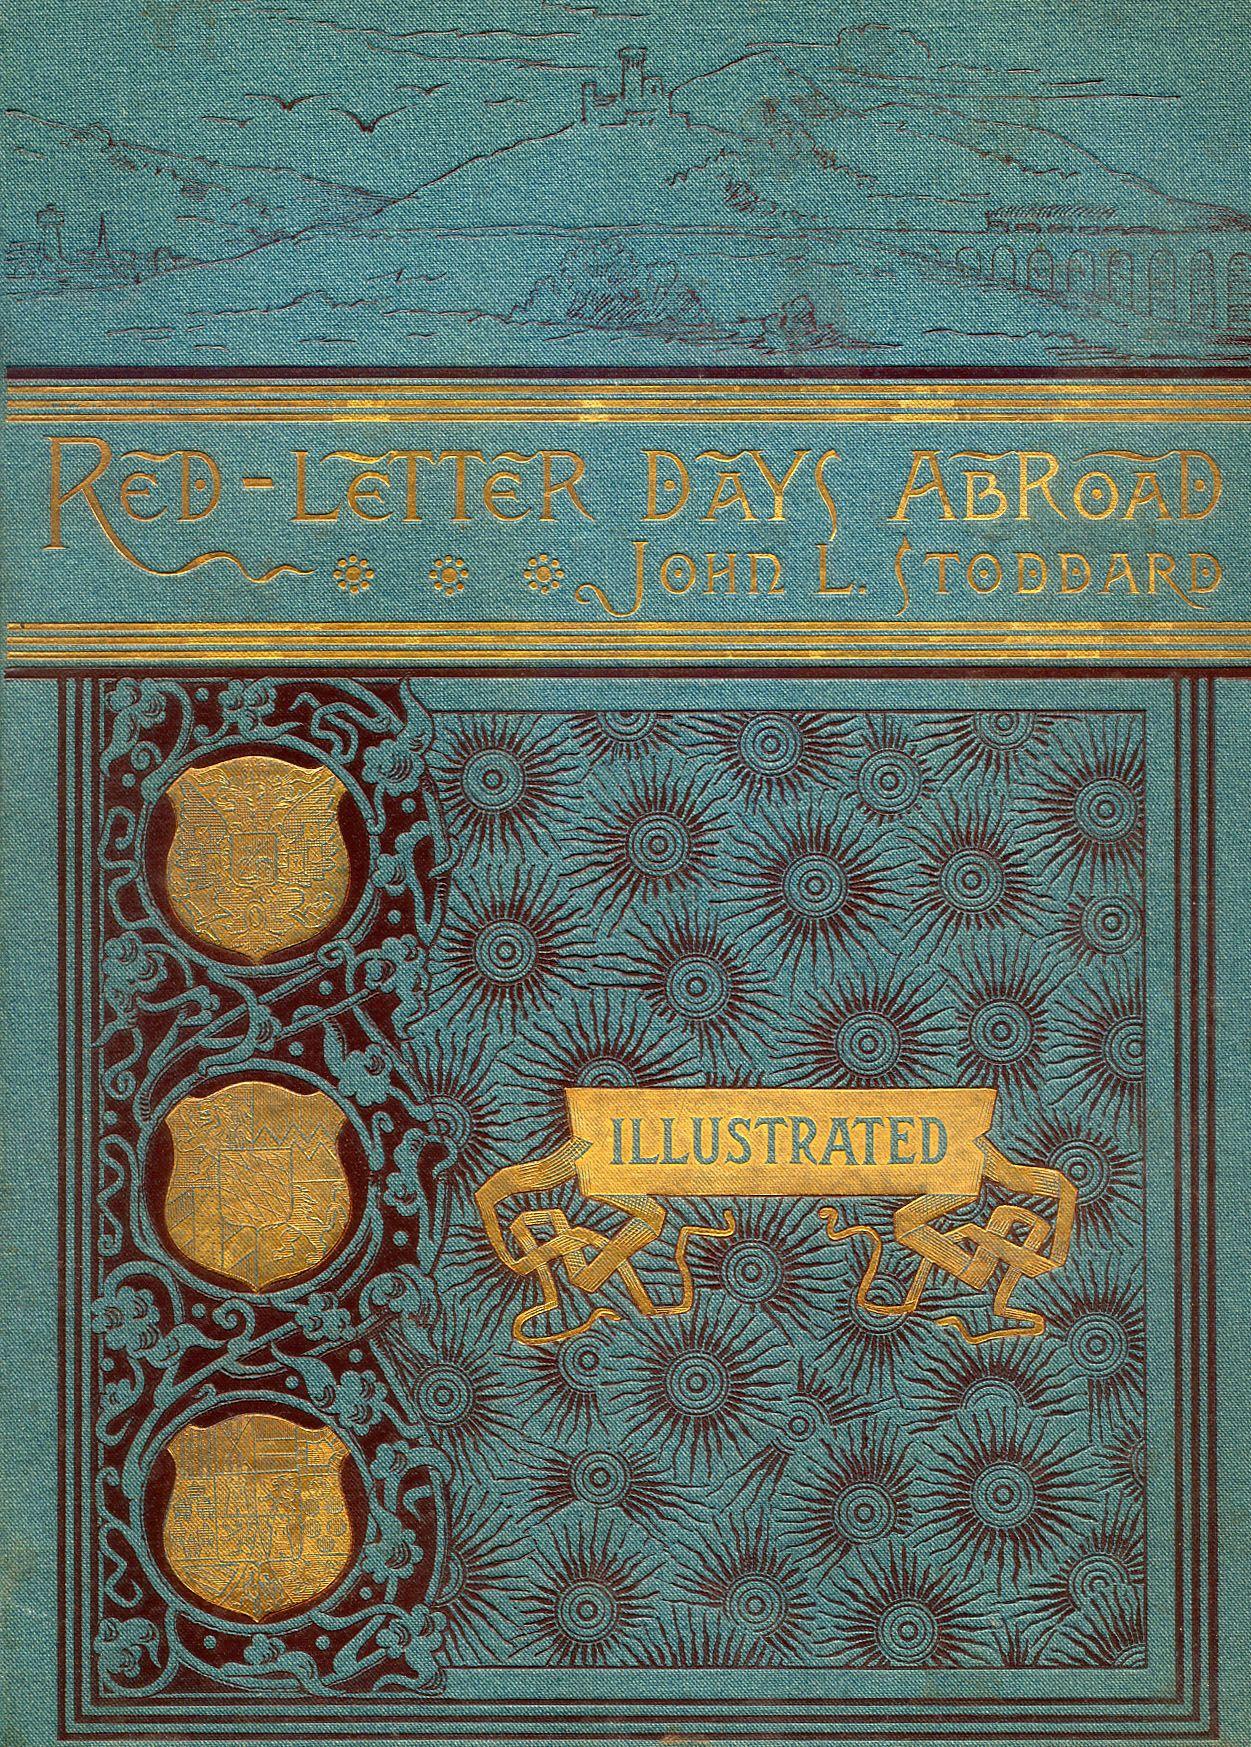 Beautiful Antique Books Red Letter Days Abroad Copertine Di Libri Libri Antichi Libri